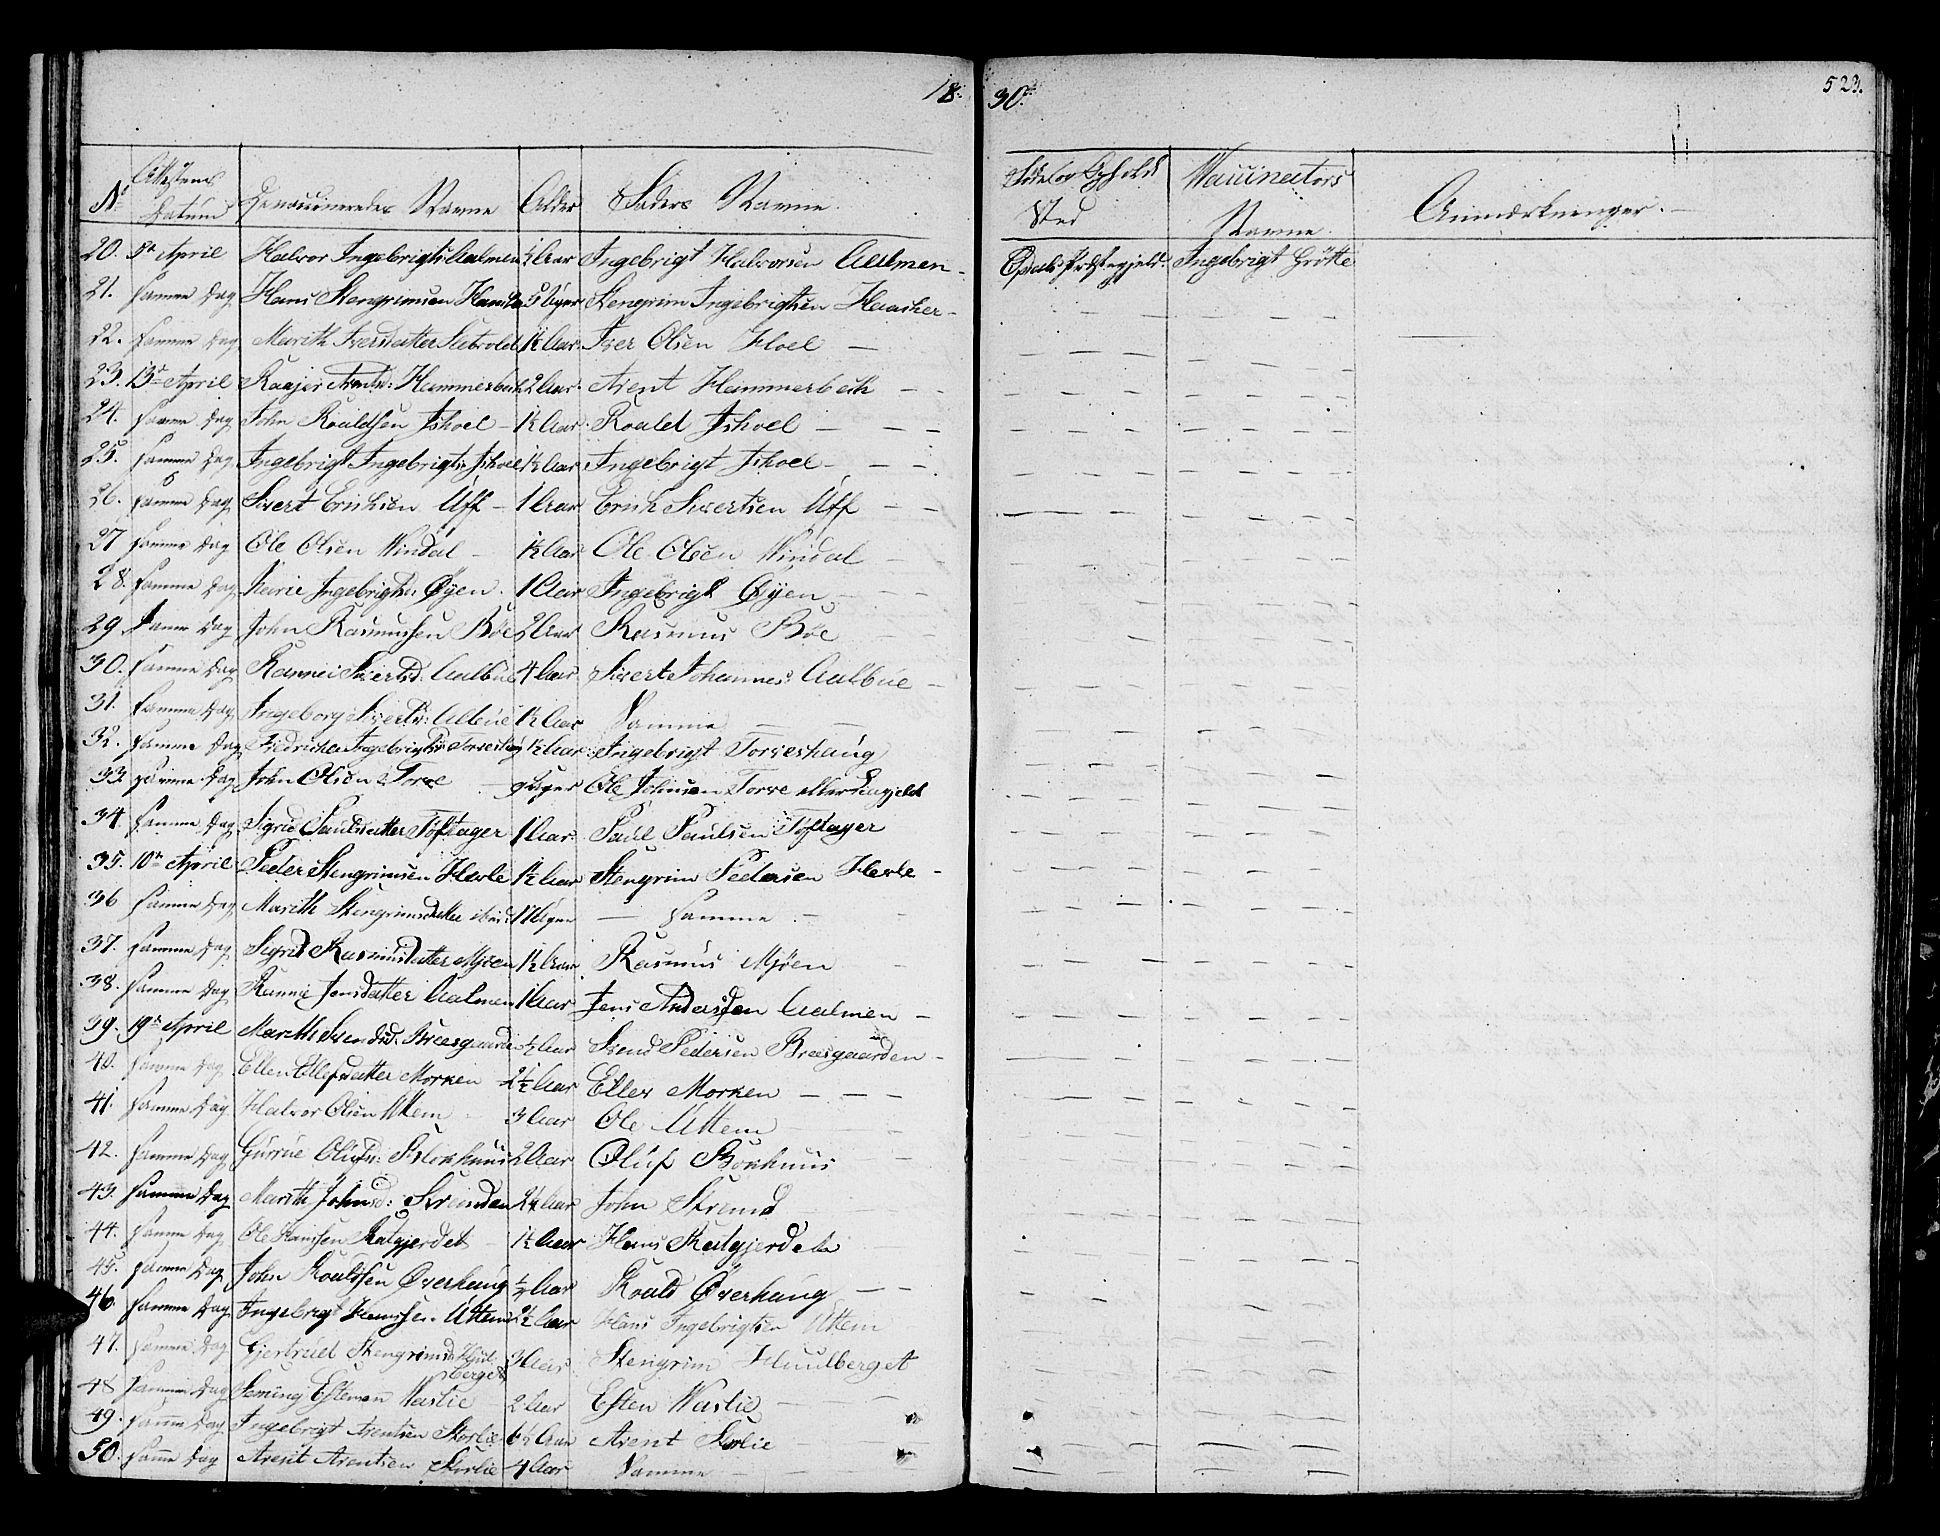 SAT, Ministerialprotokoller, klokkerbøker og fødselsregistre - Sør-Trøndelag, 678/L0897: Ministerialbok nr. 678A06-07, 1821-1847, s. 523